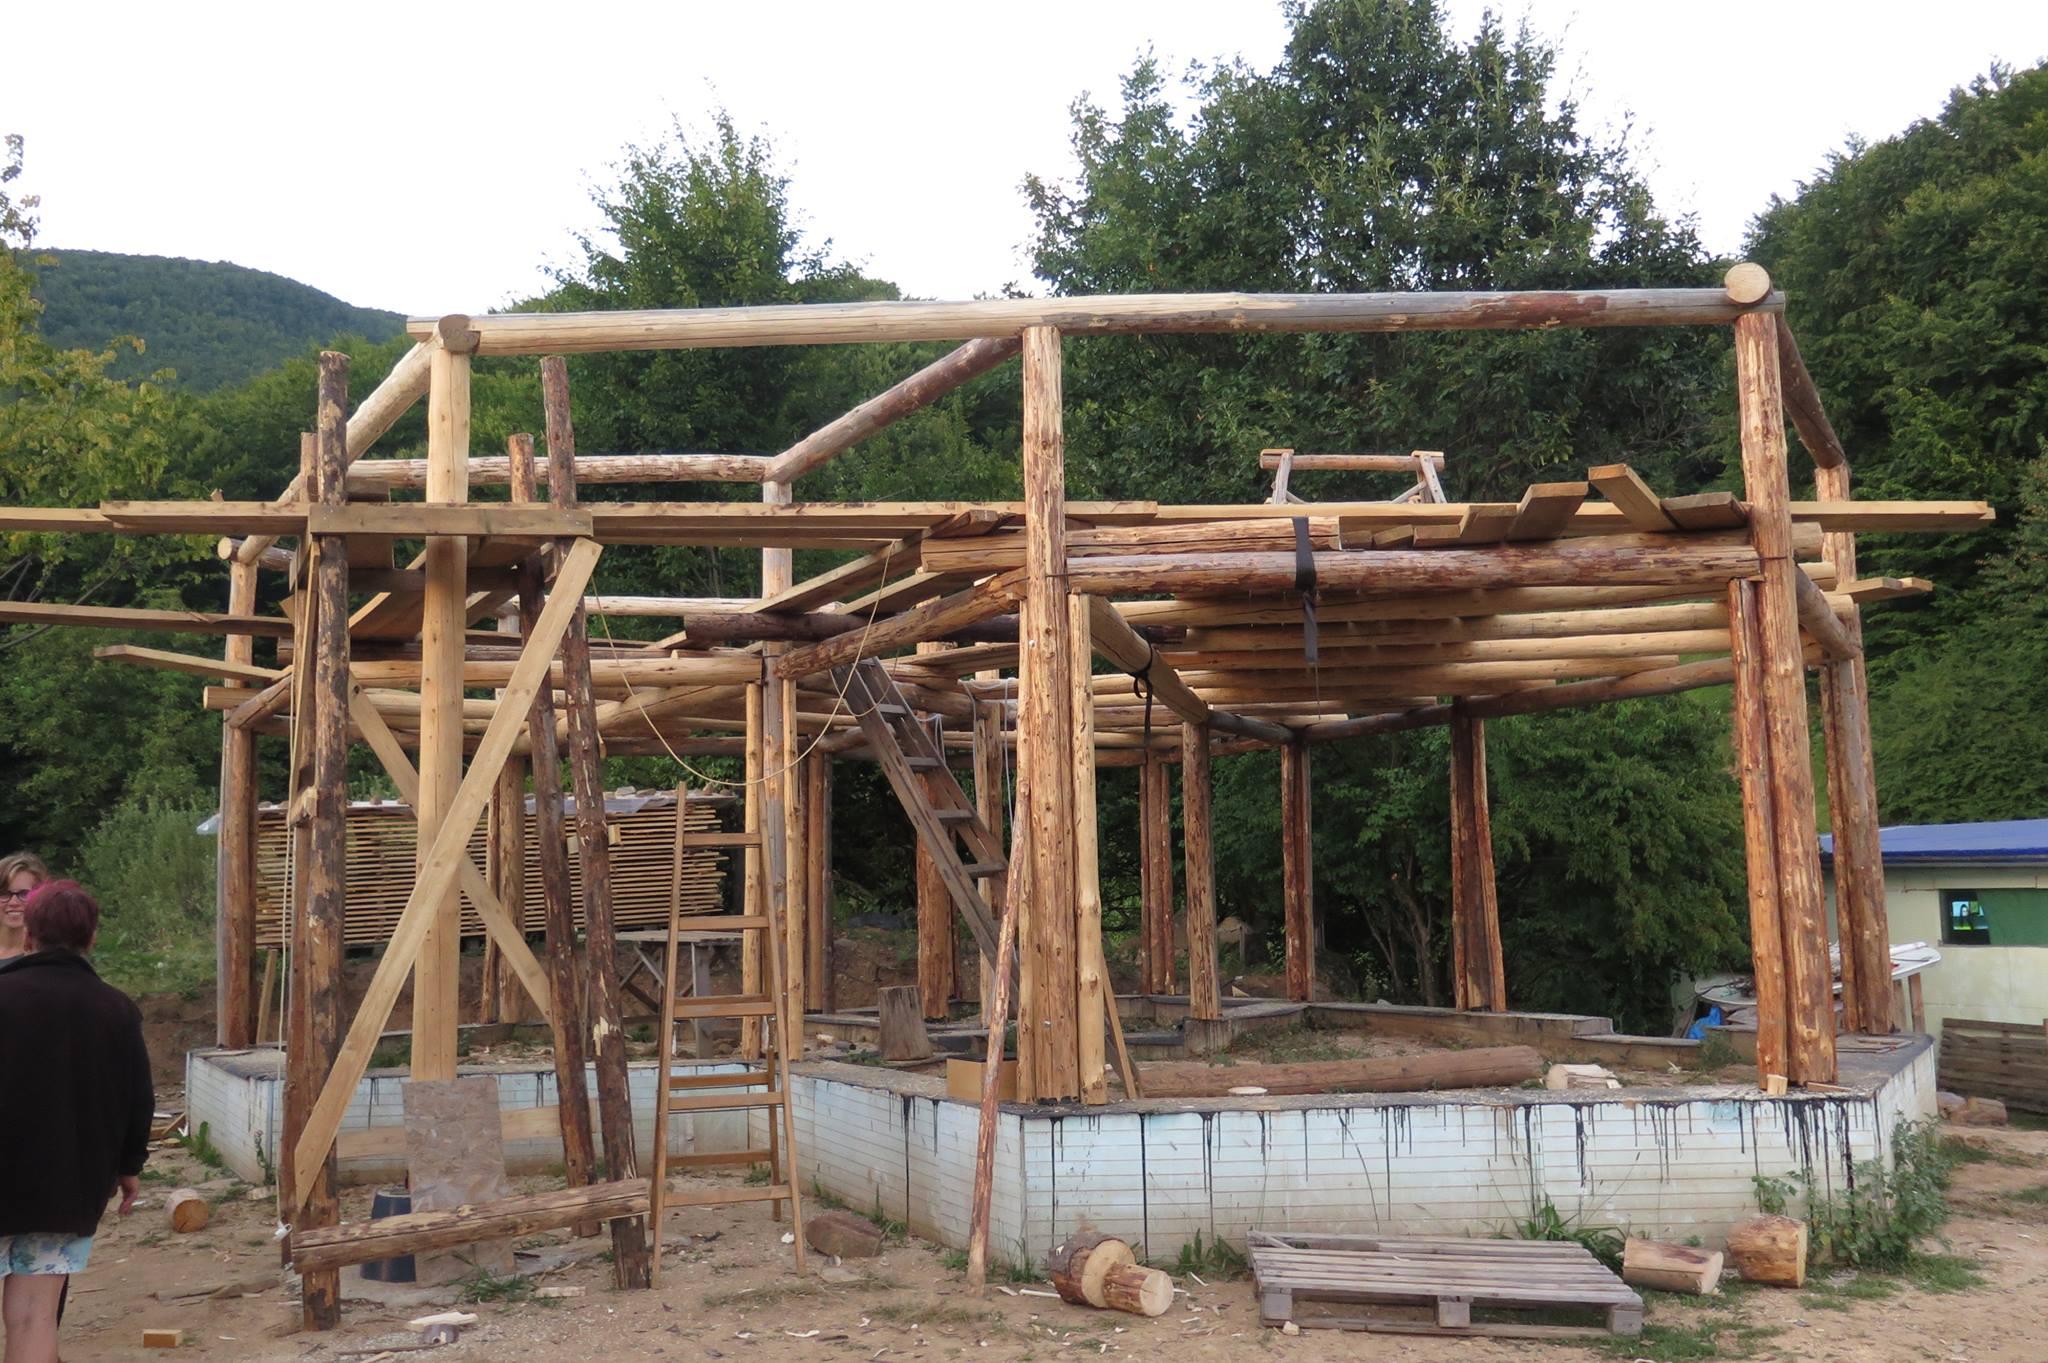 La maison du frère d'Adi, constuite à quatre cents mètres de la sienne. Sa construction est bien plus rapide